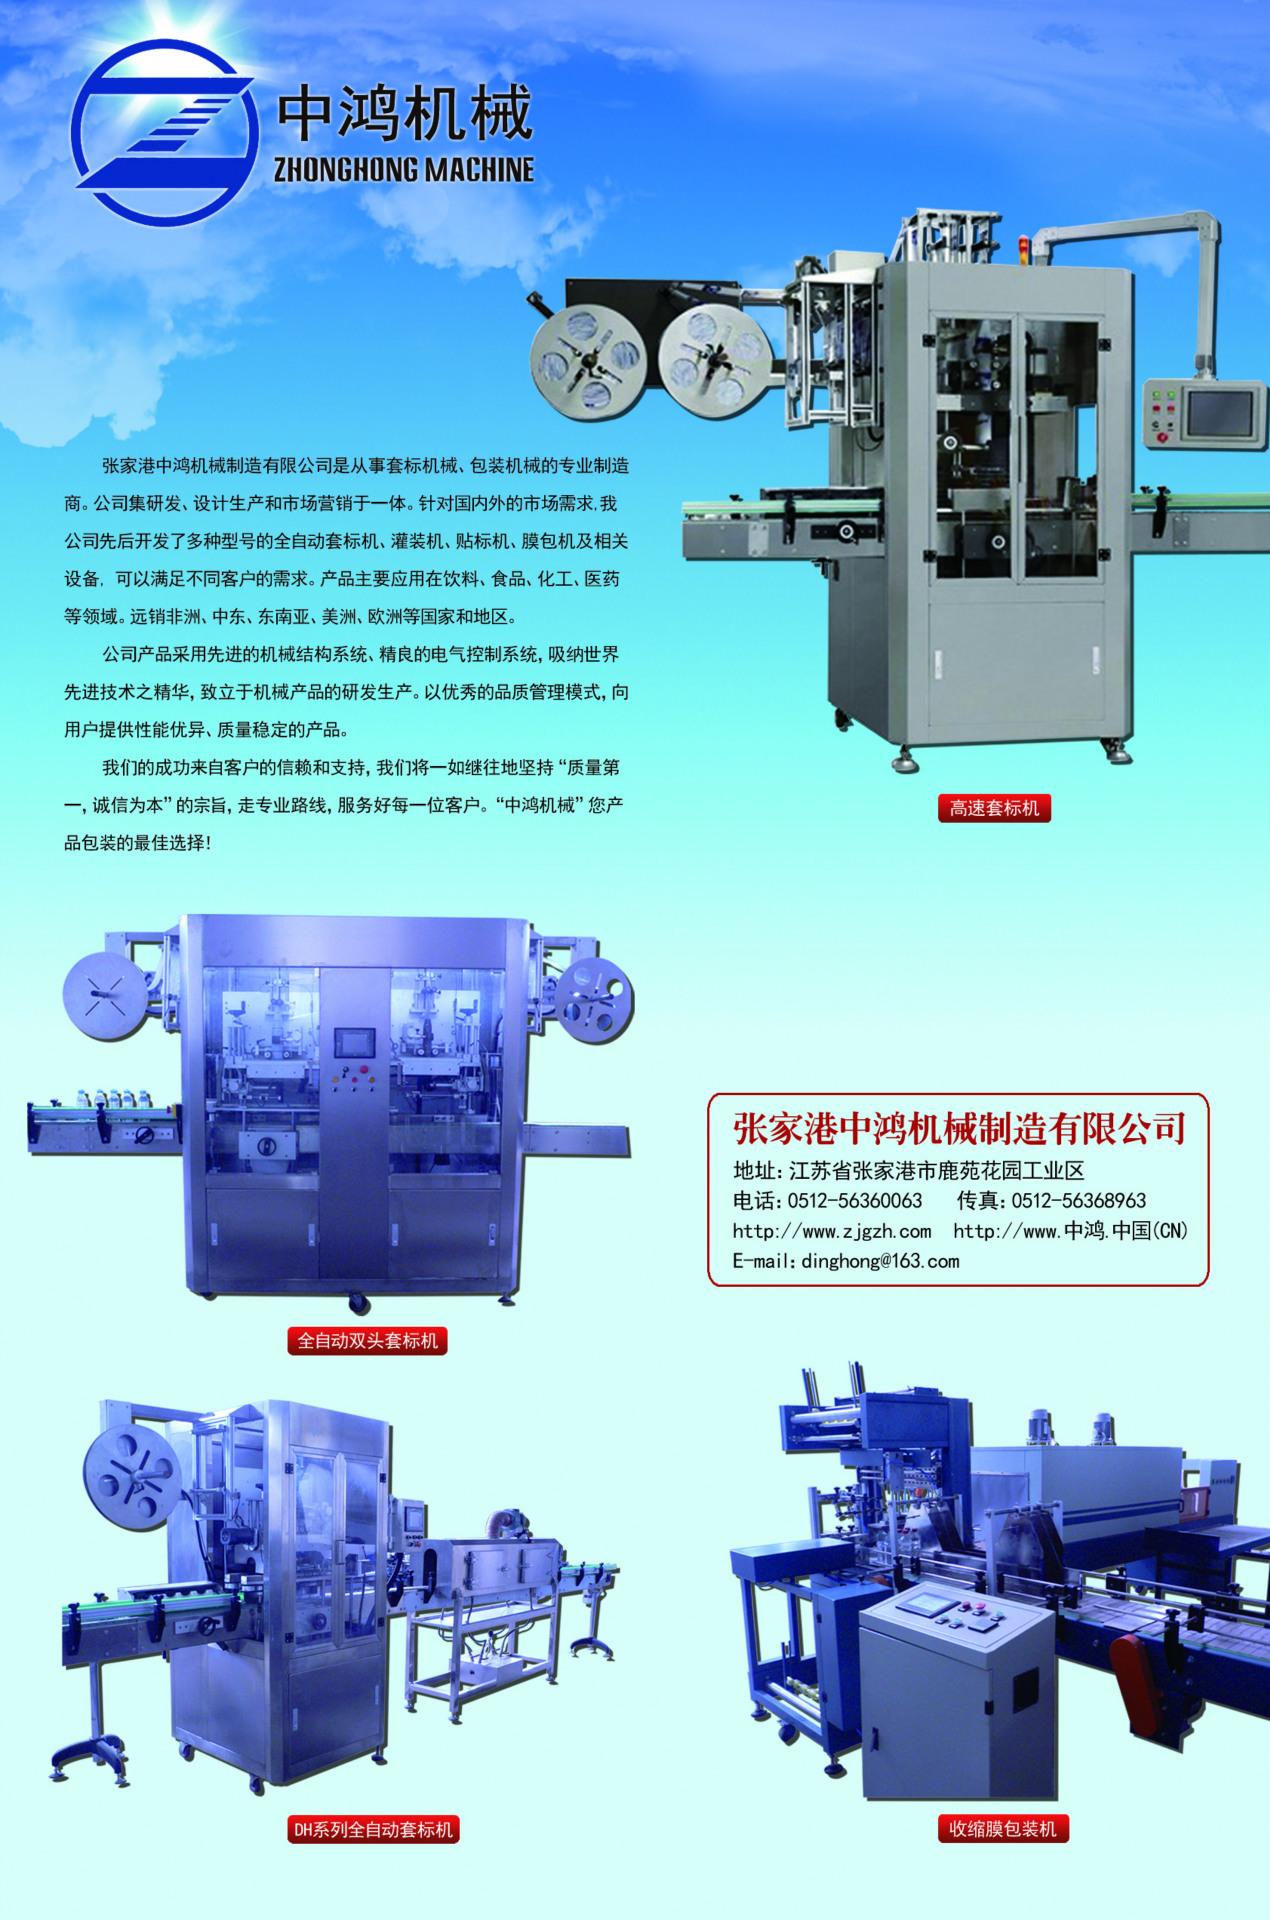 中鸿机械 全自动收缩膜套标机 贴标机图片_3